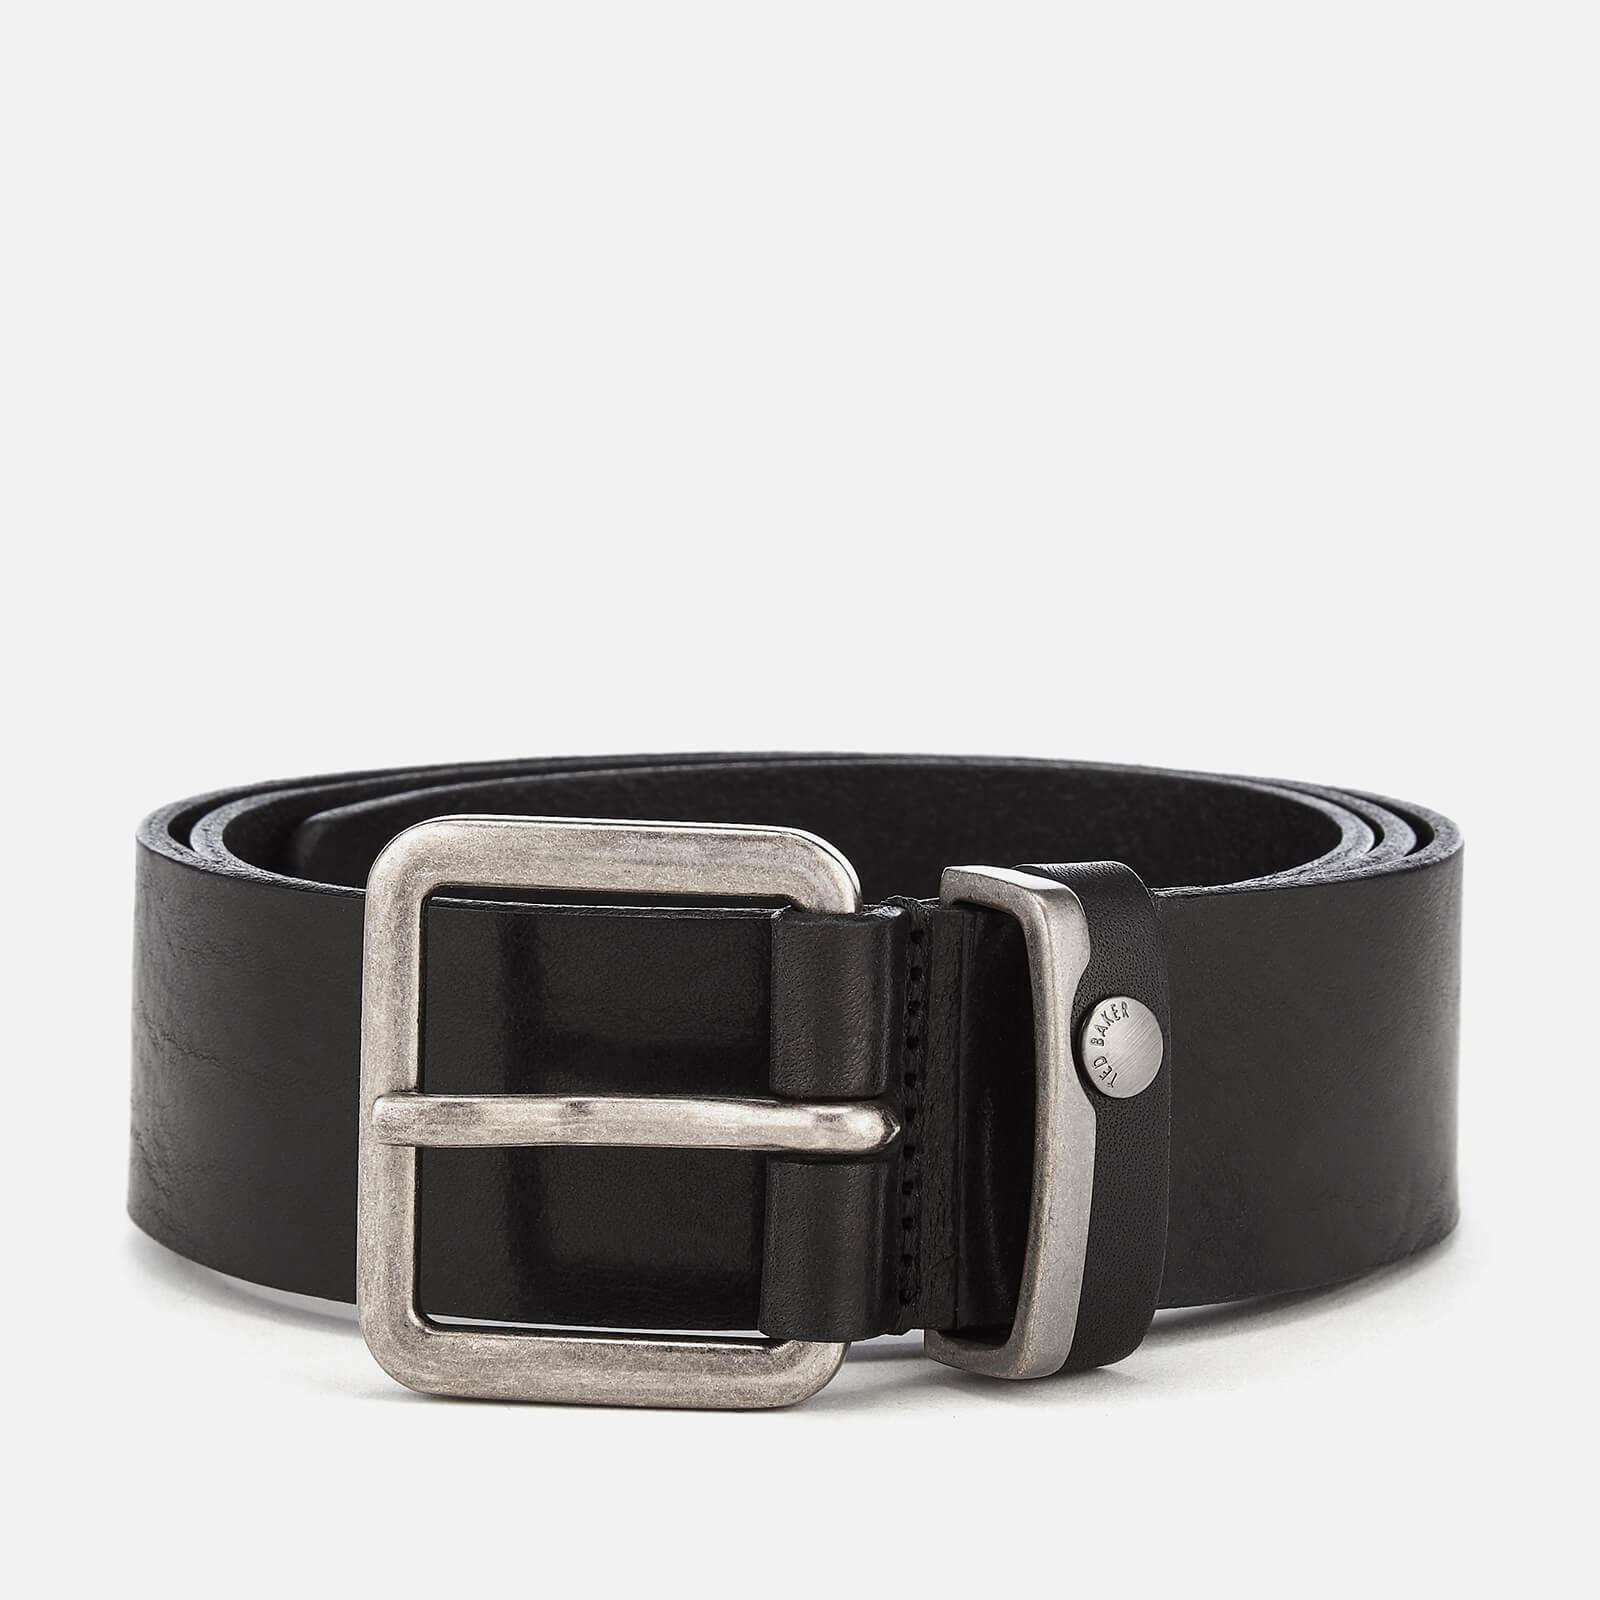 Ted Baker Men's Katchup Leather Belt - Black - W30 - Black